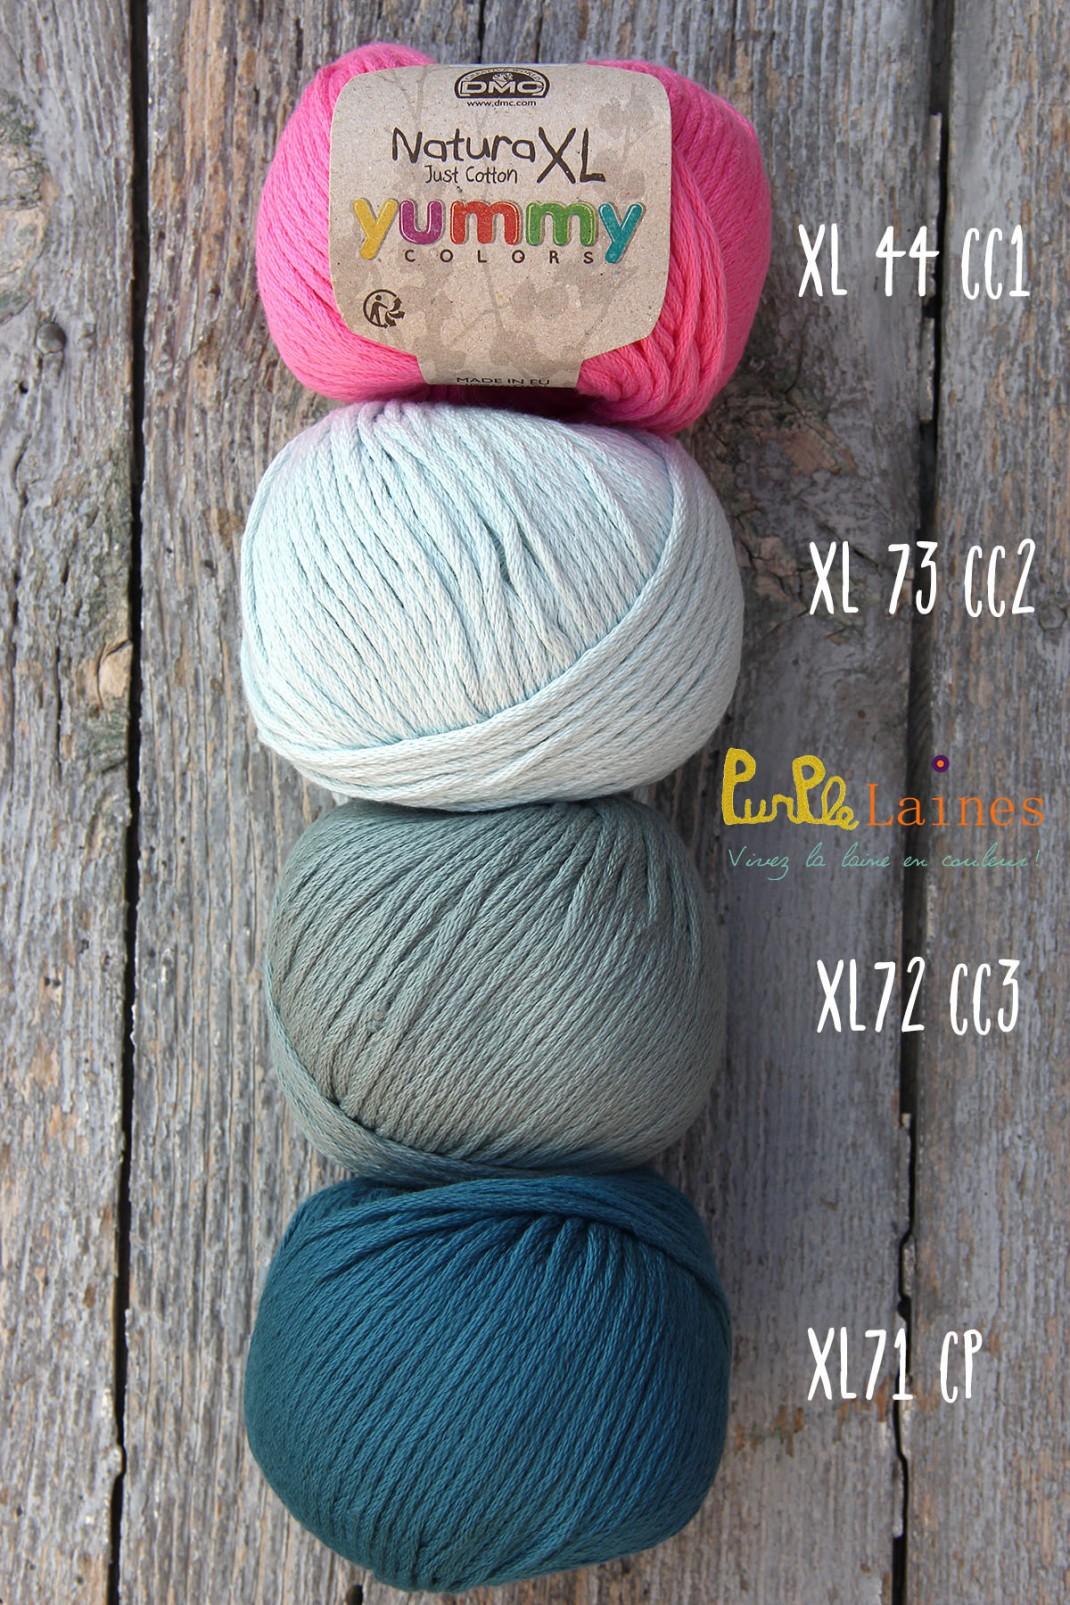 Palette Natura XL Purple Laines 1